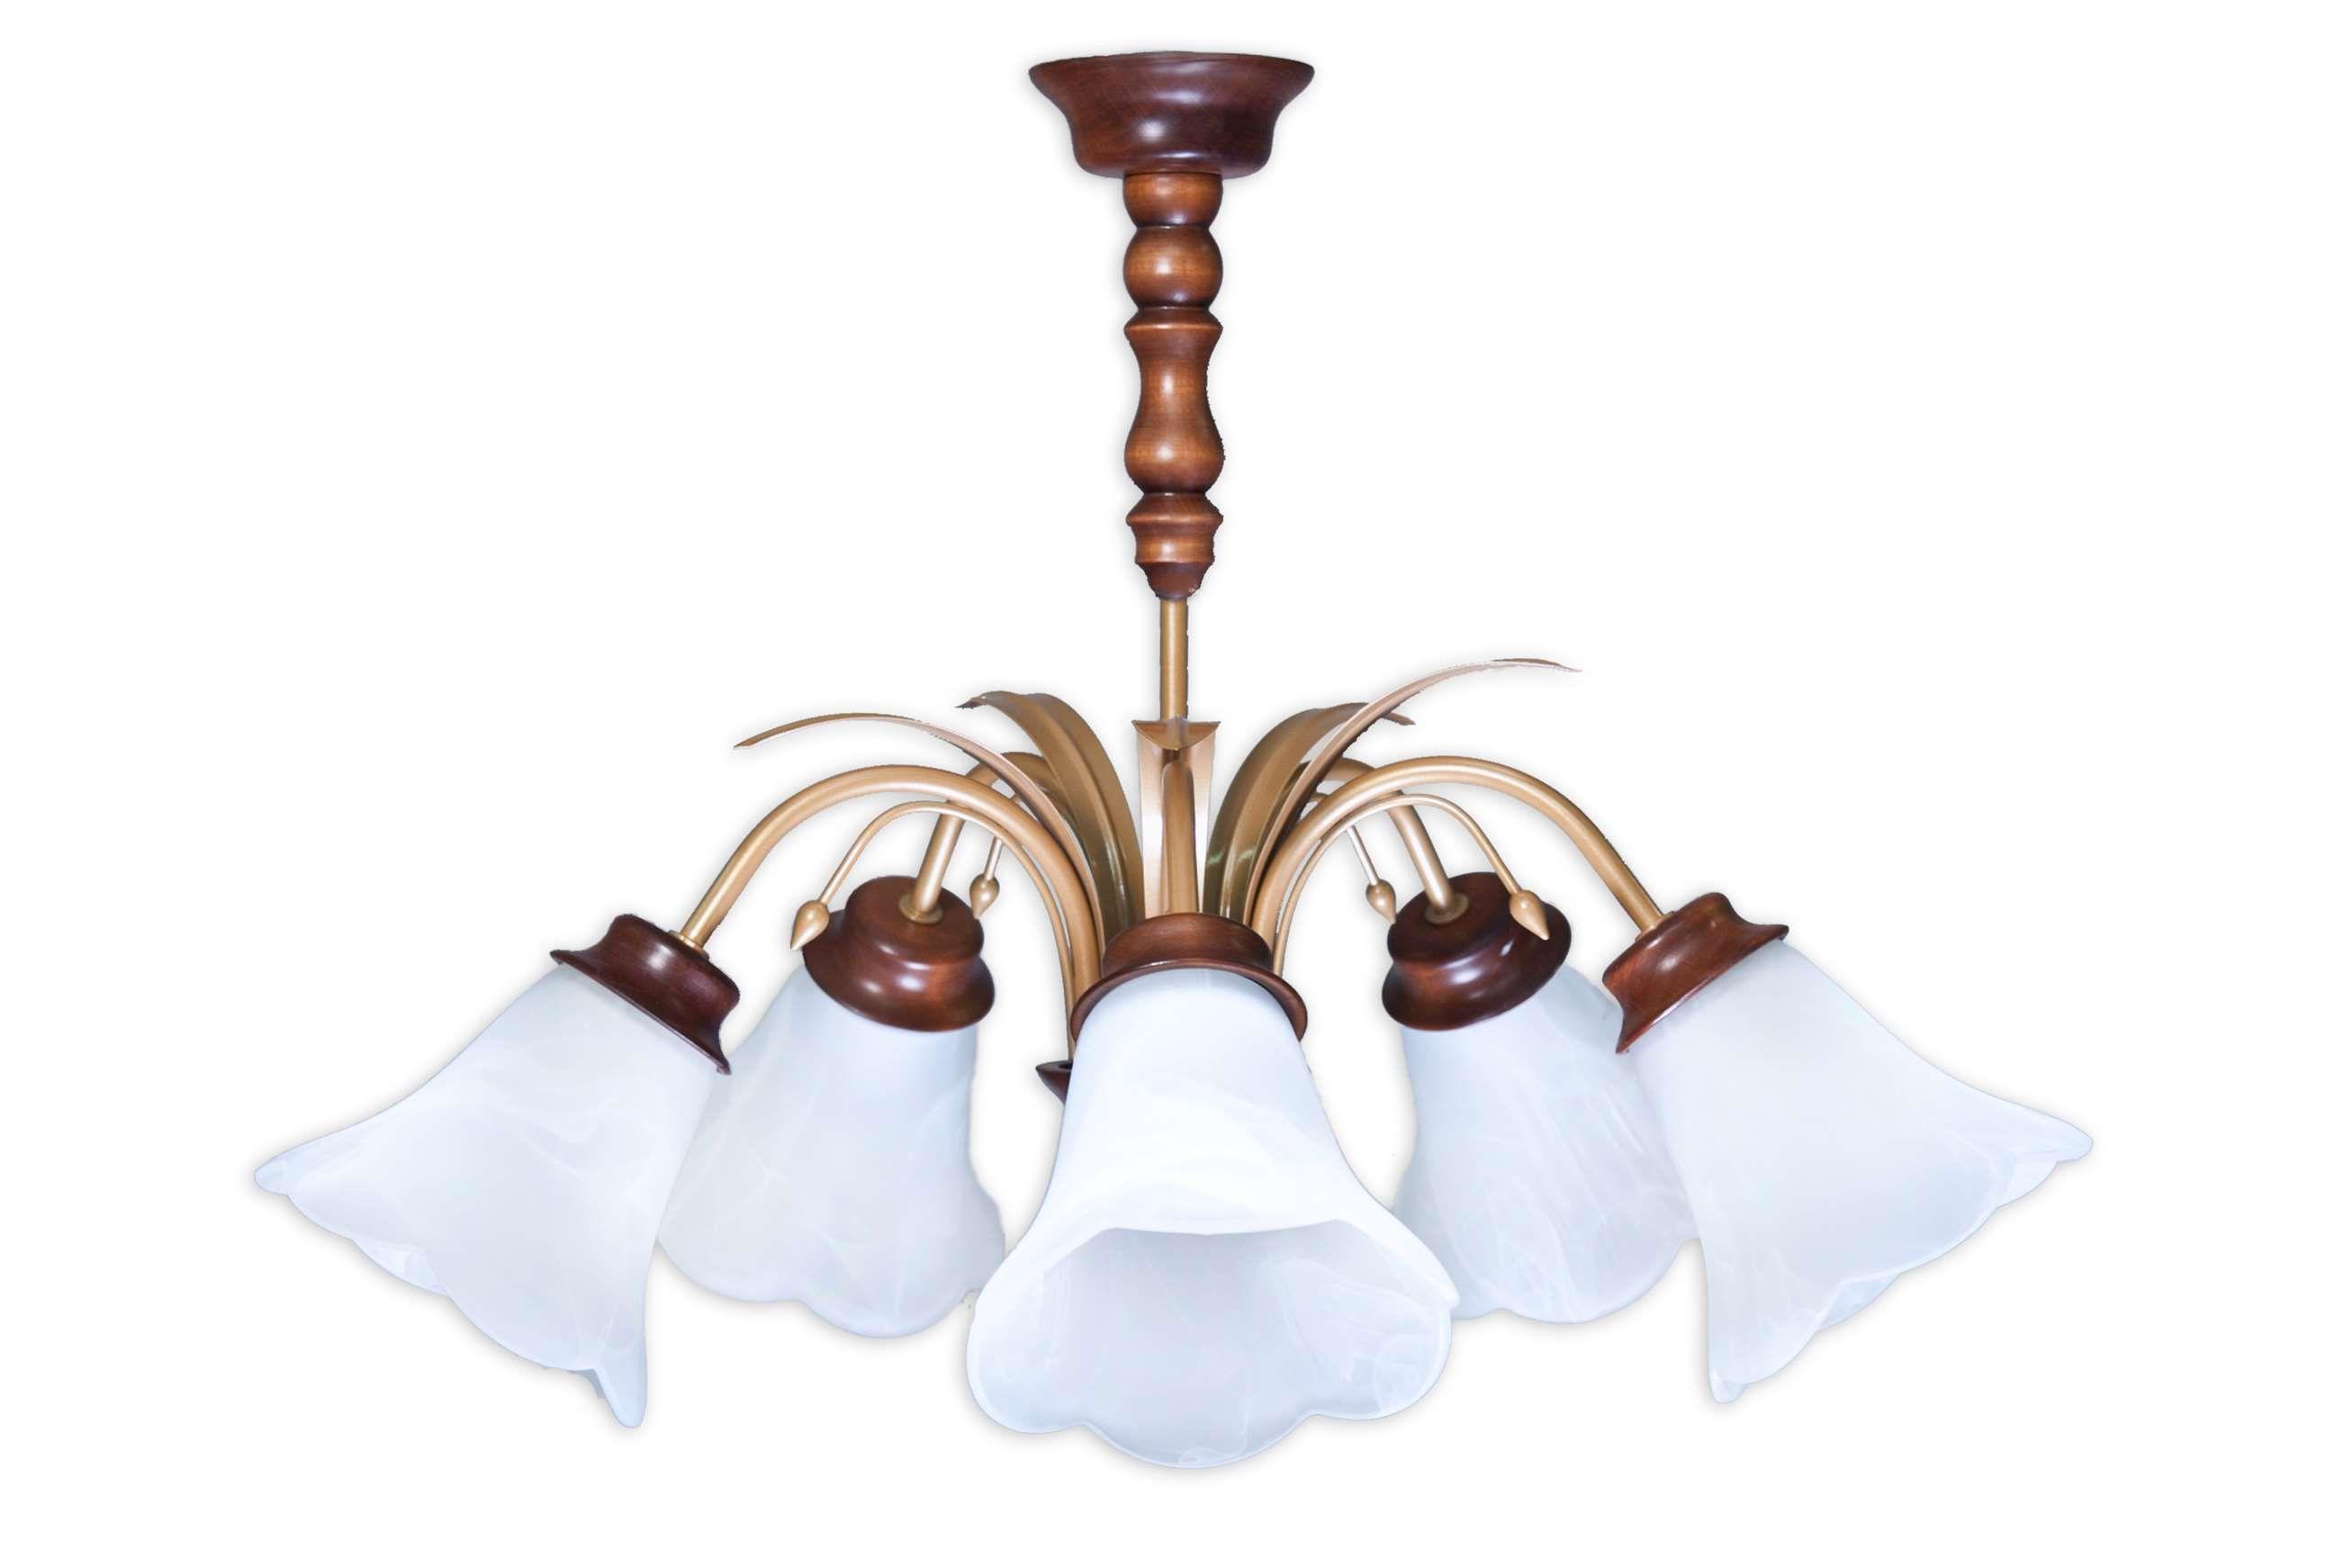 https://www.lampystojan.pl/uploads/Lampy metalowe z drewnianymi wykończeniami KLASYCZNE